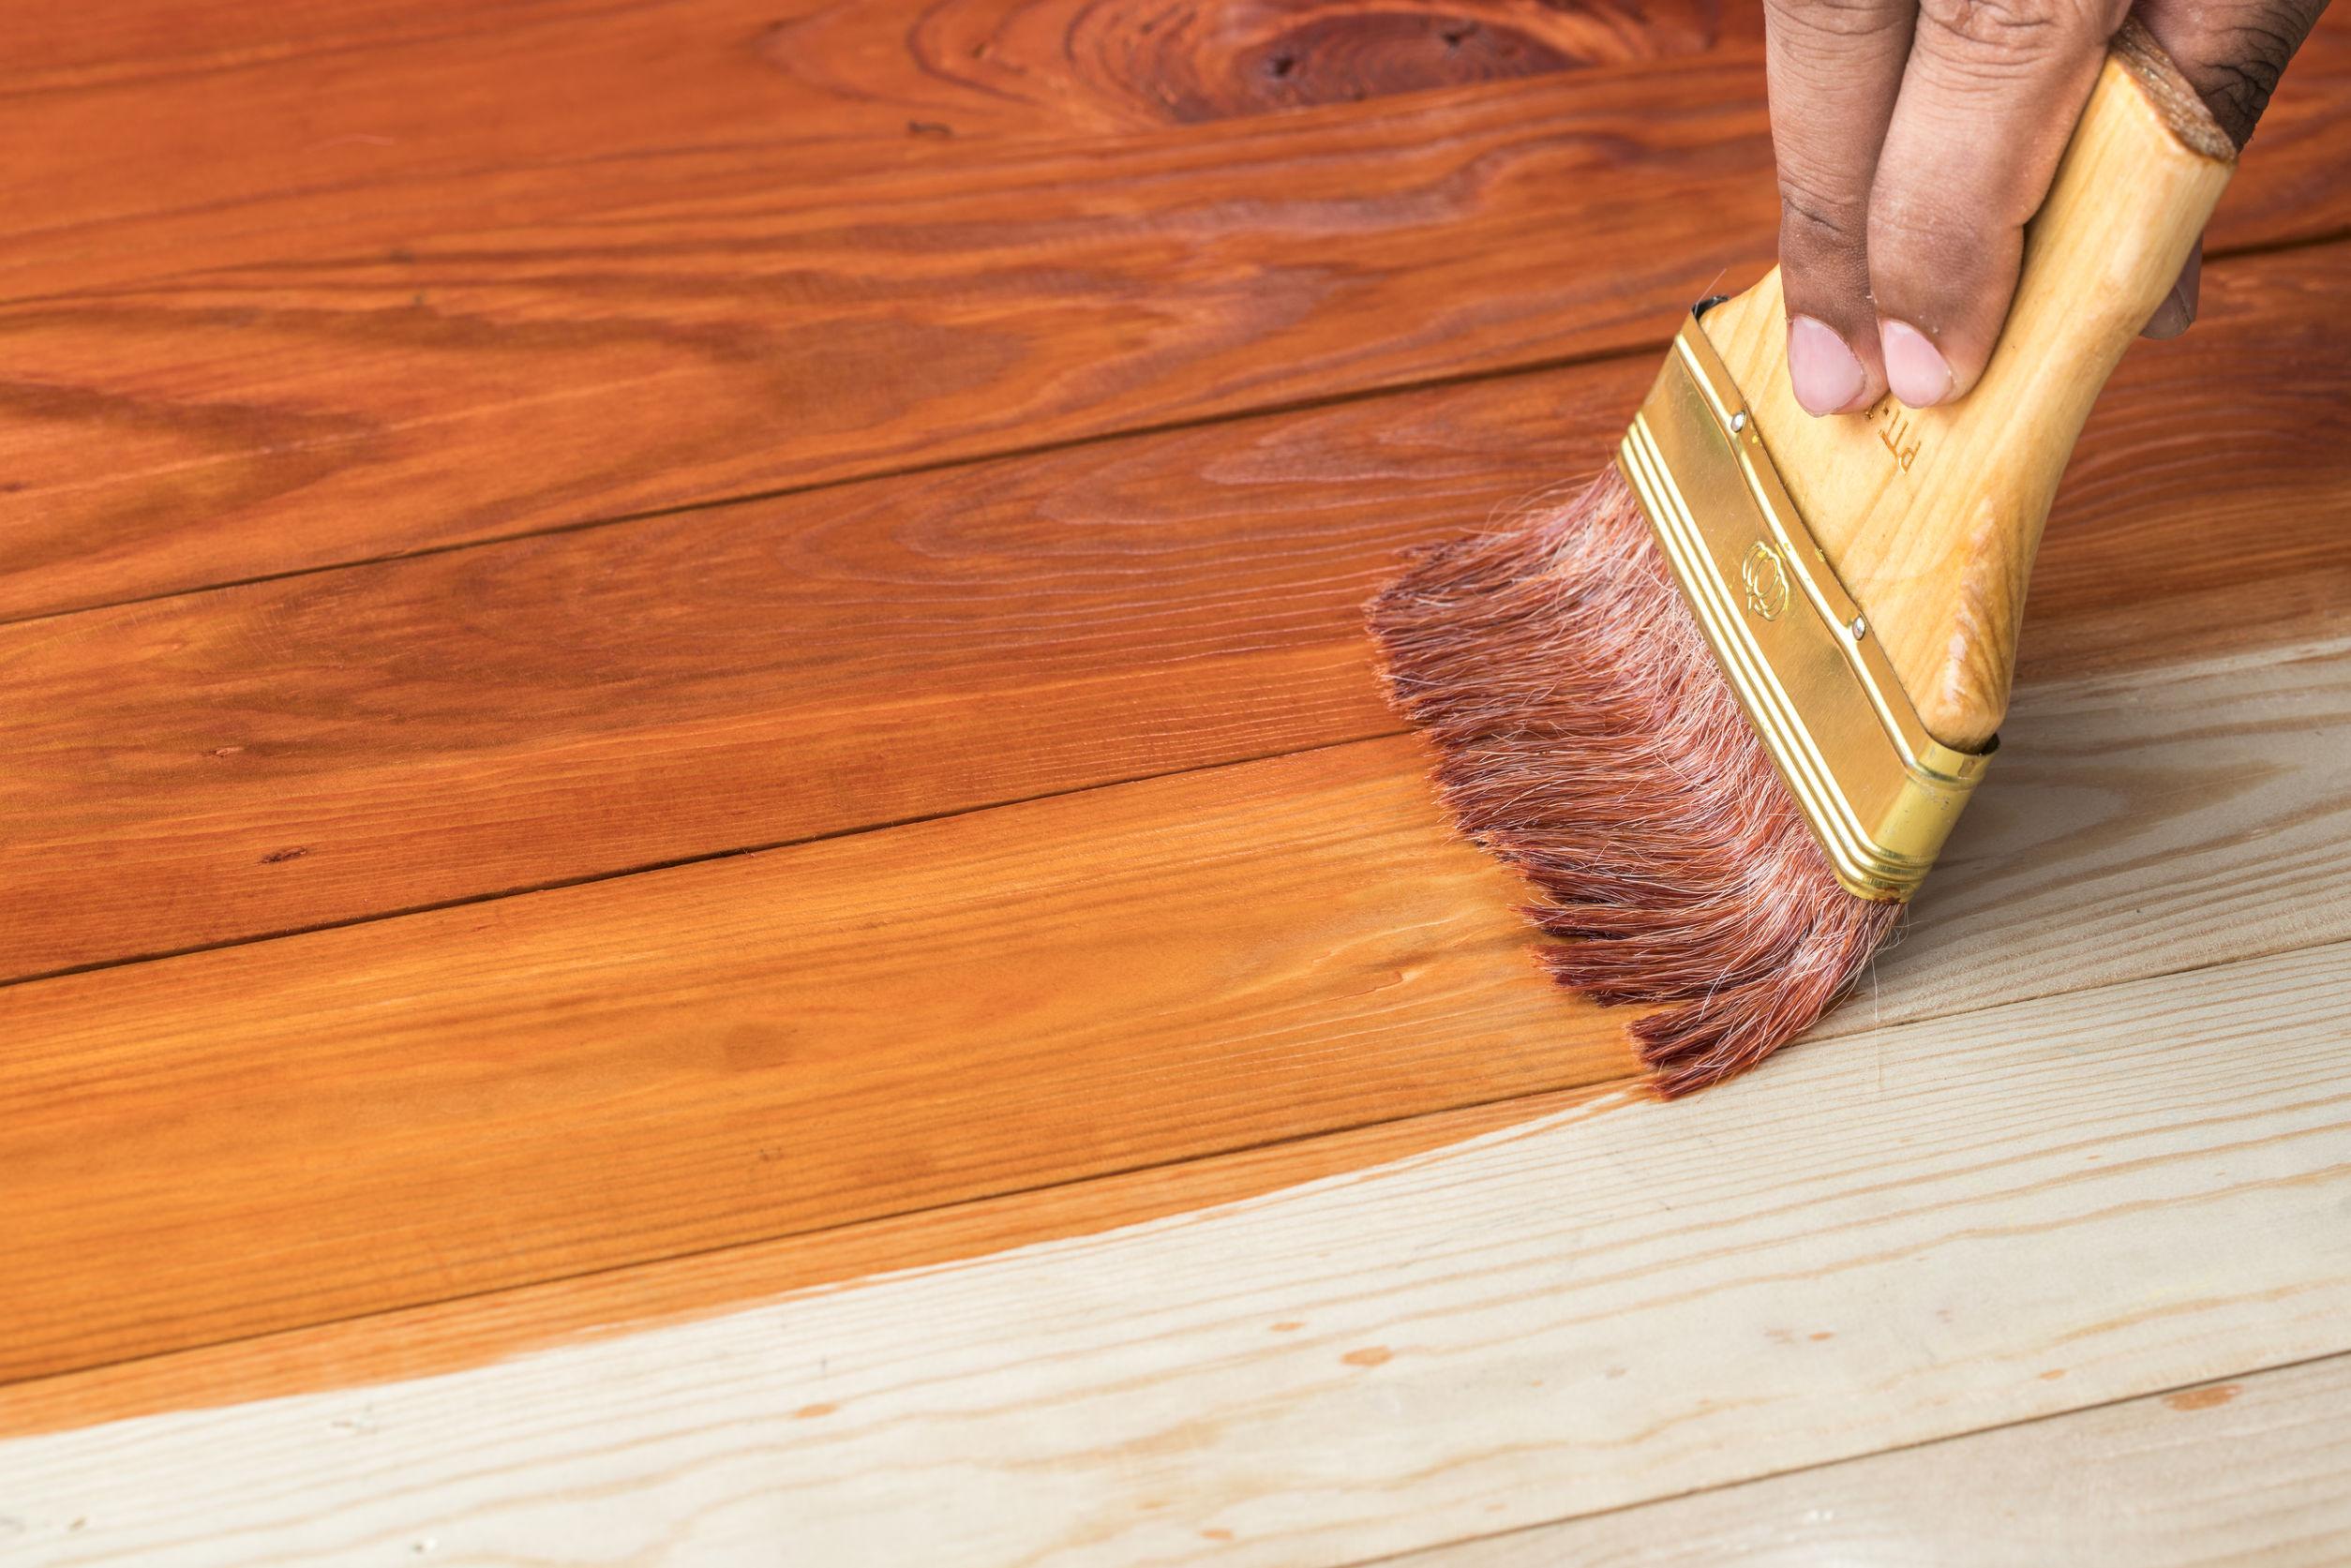 Как покрасить дерево или деревянную поверхность своими руками 7